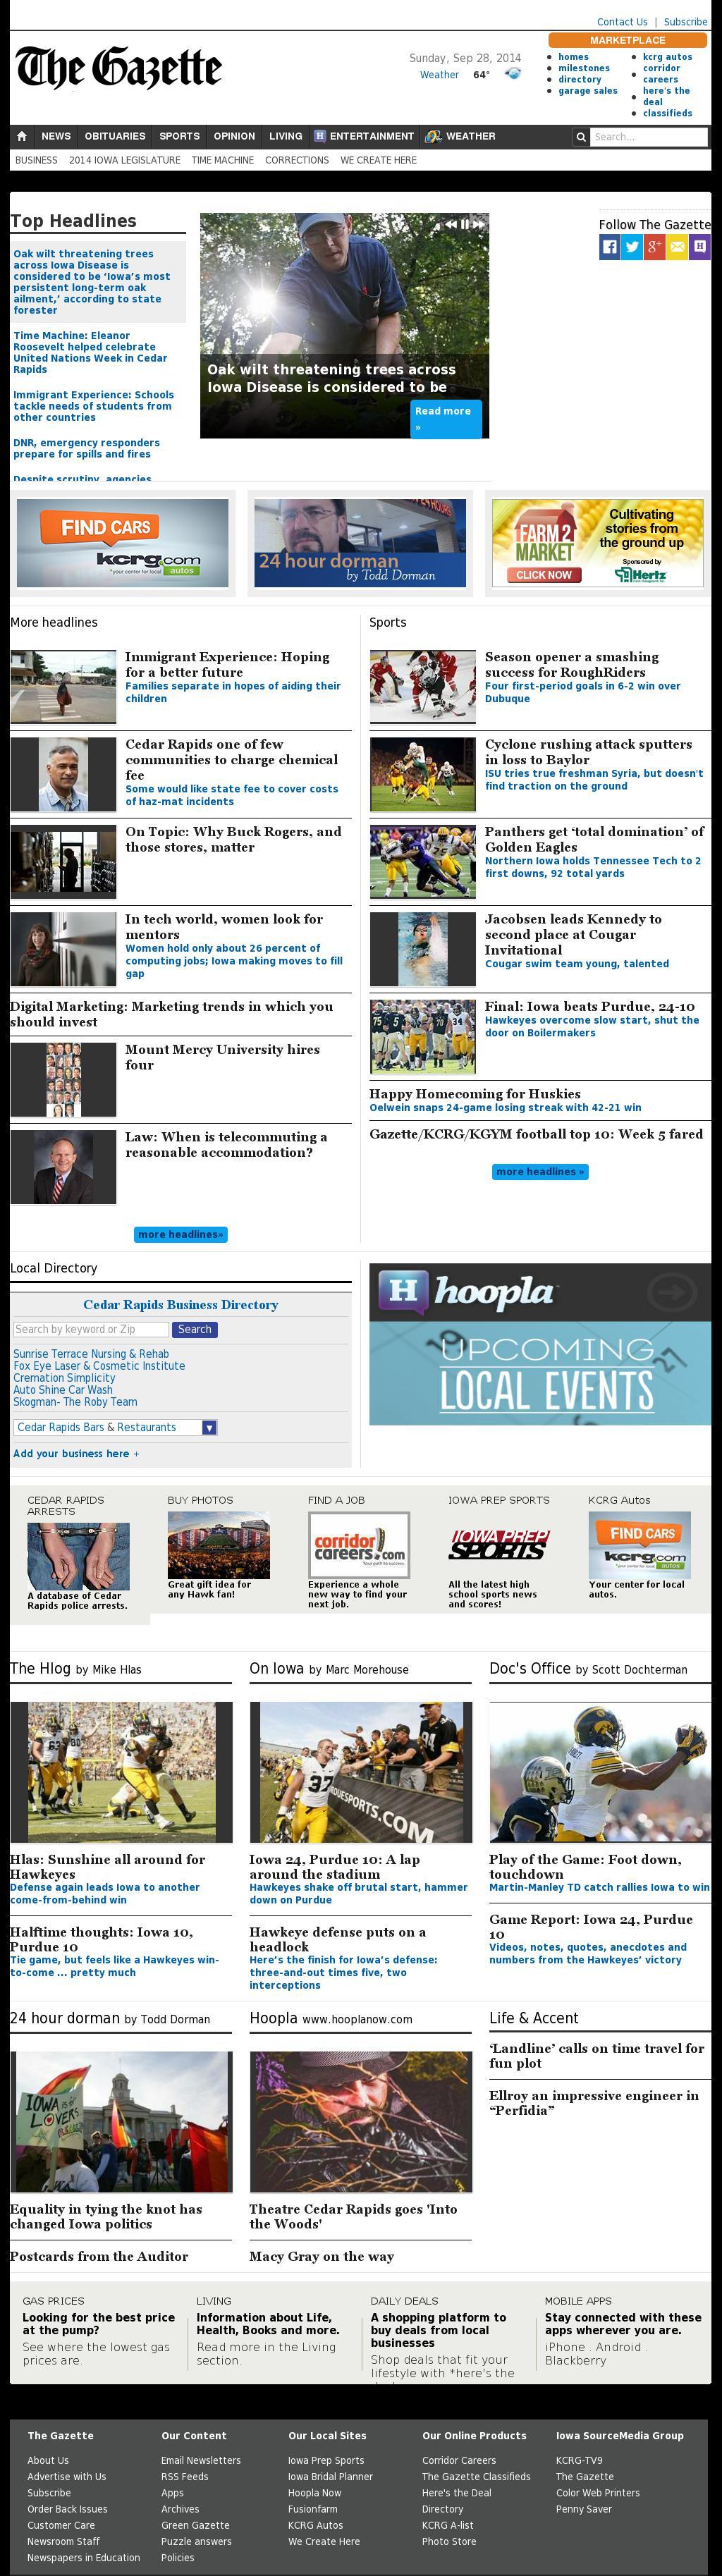 The (Cedar Rapids) Gazette at Sunday Sept. 28, 2014, 10:05 a.m. UTC